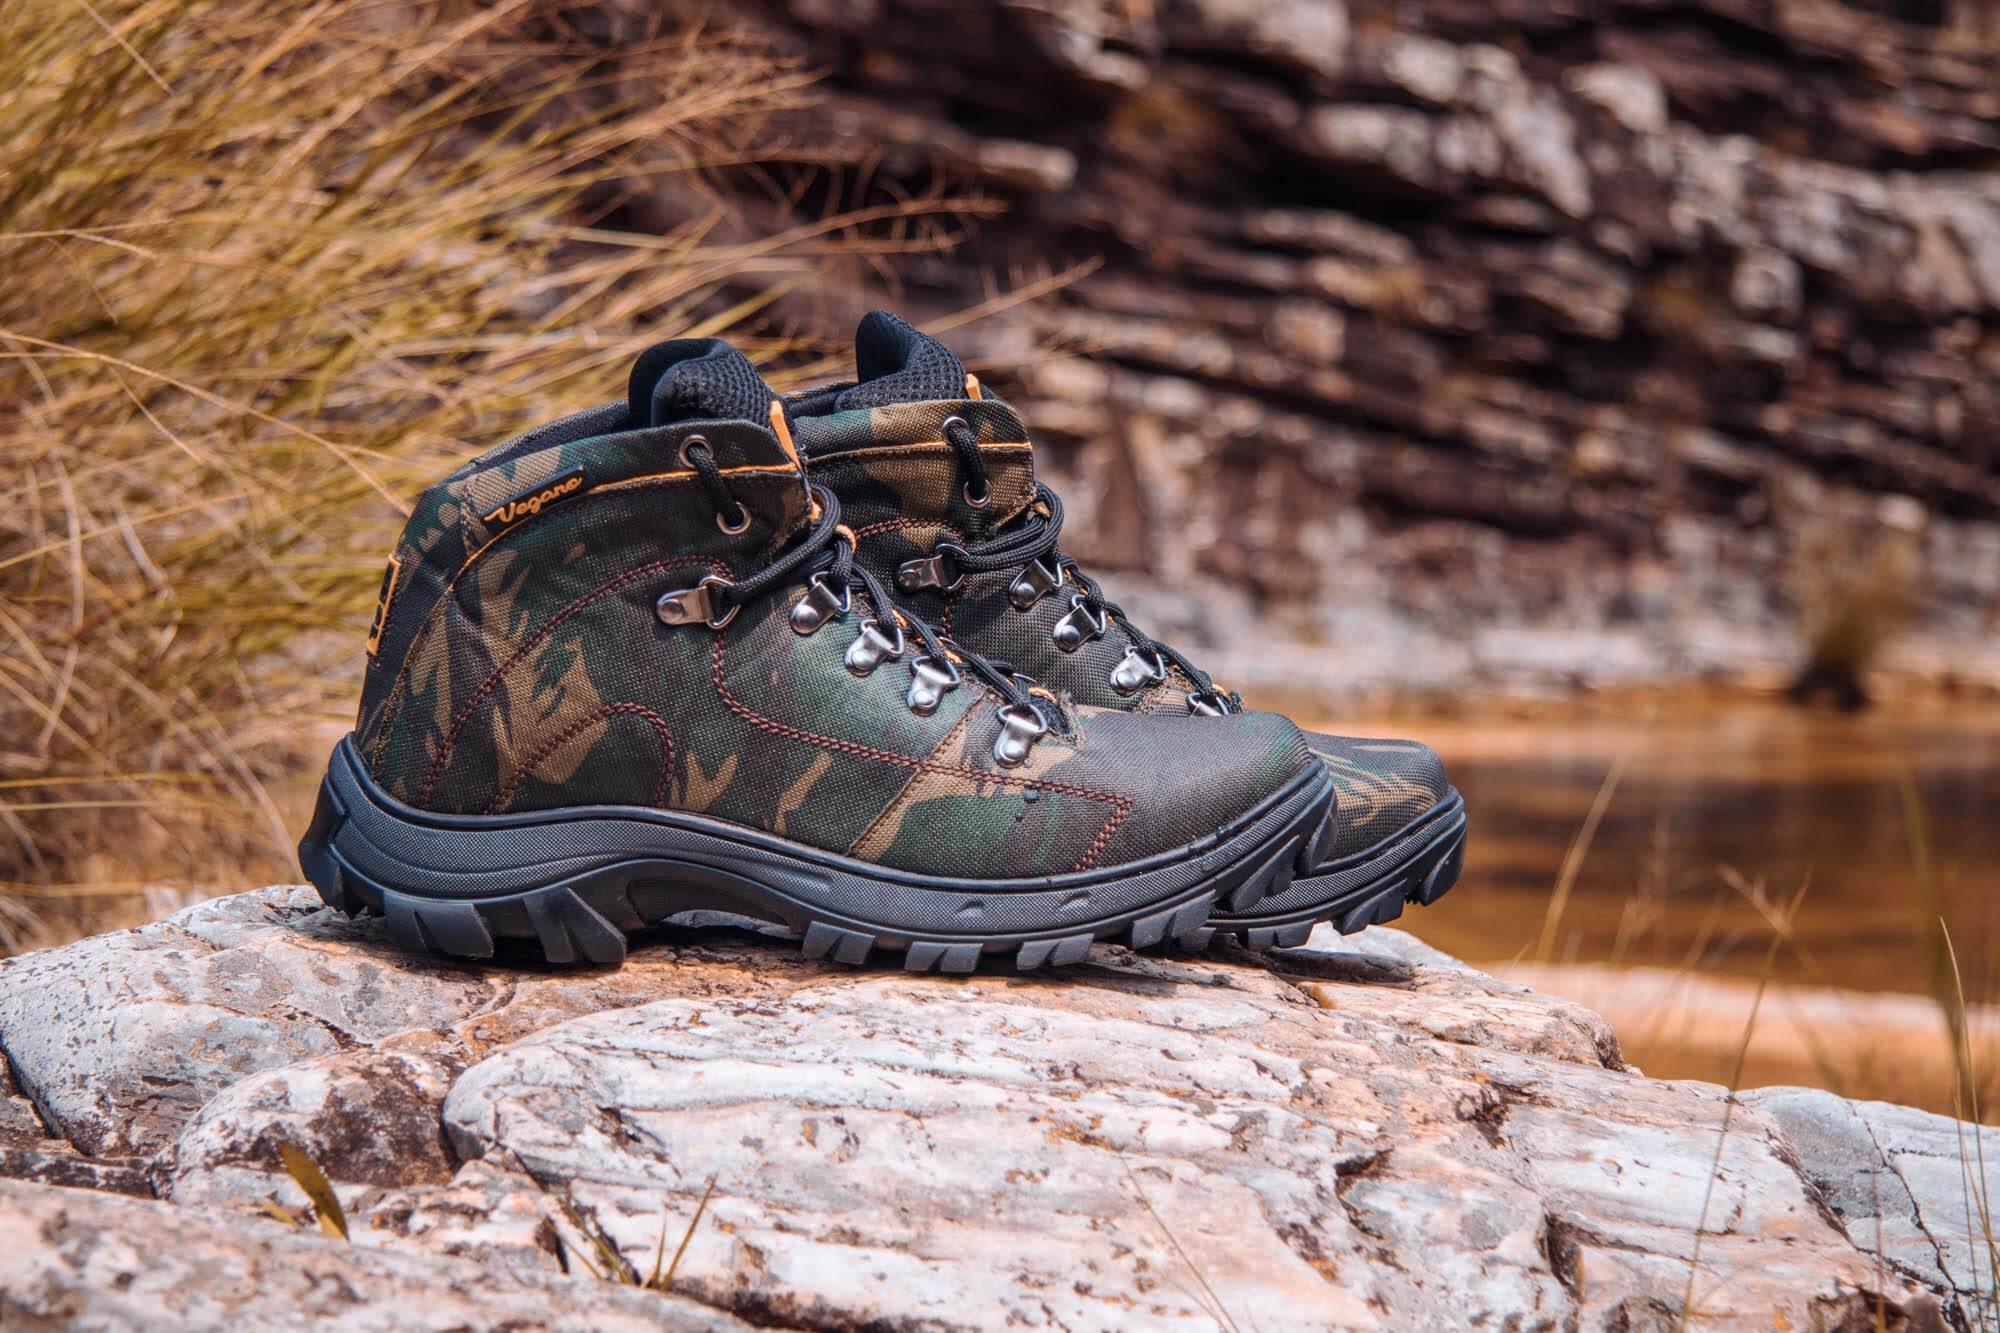 Bota Vegano Shoes Cross Amazônia Camuflada